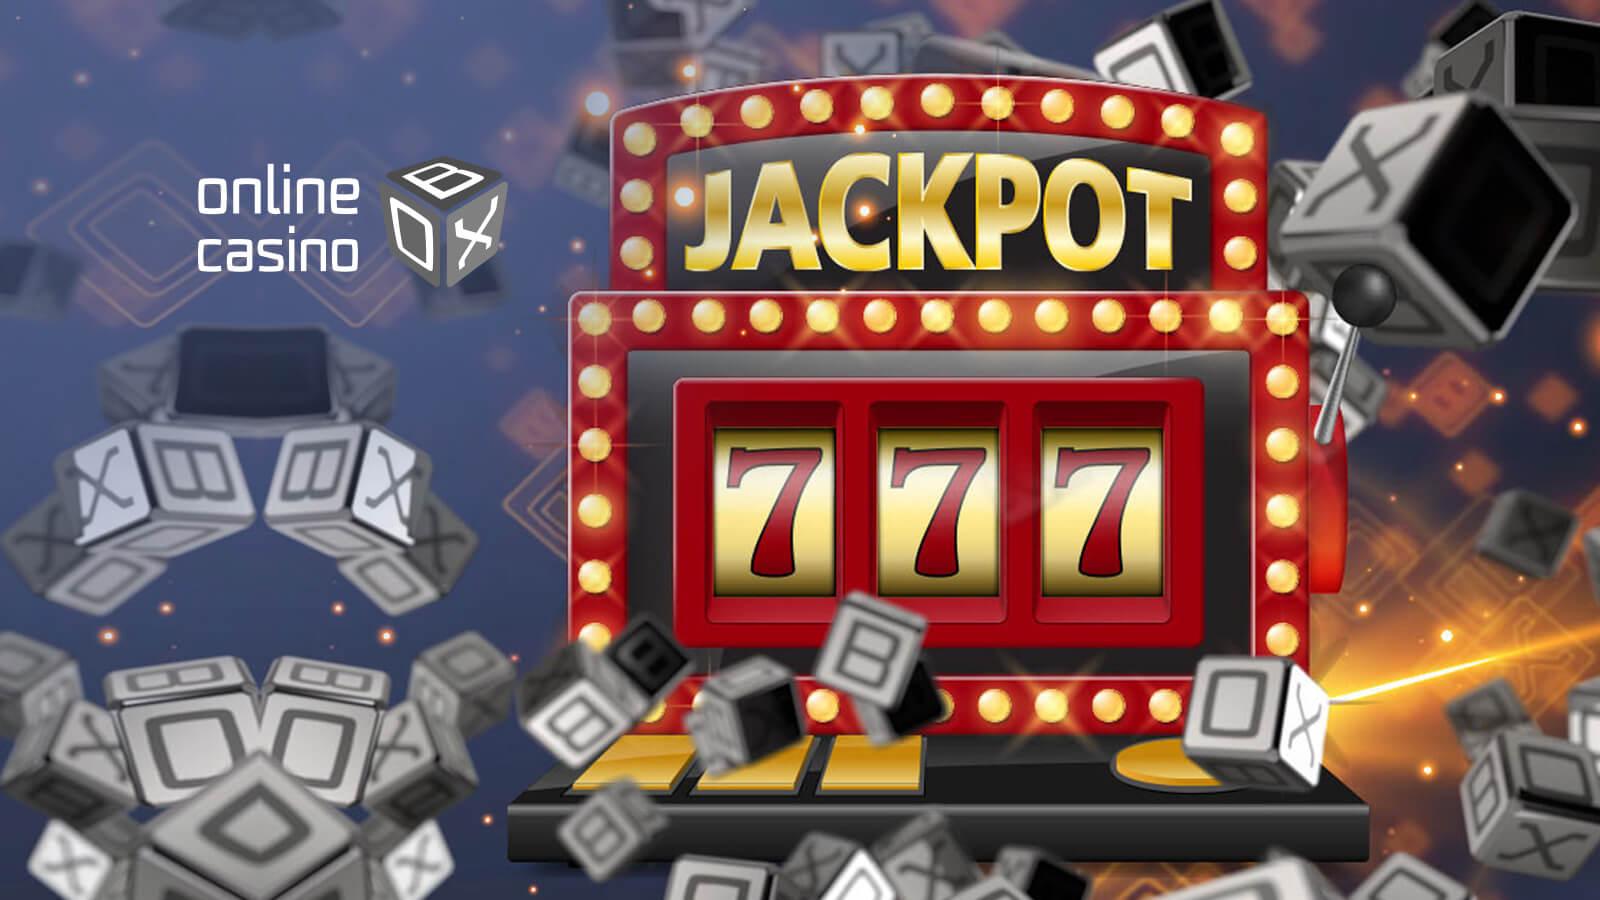 Europe Online Casino